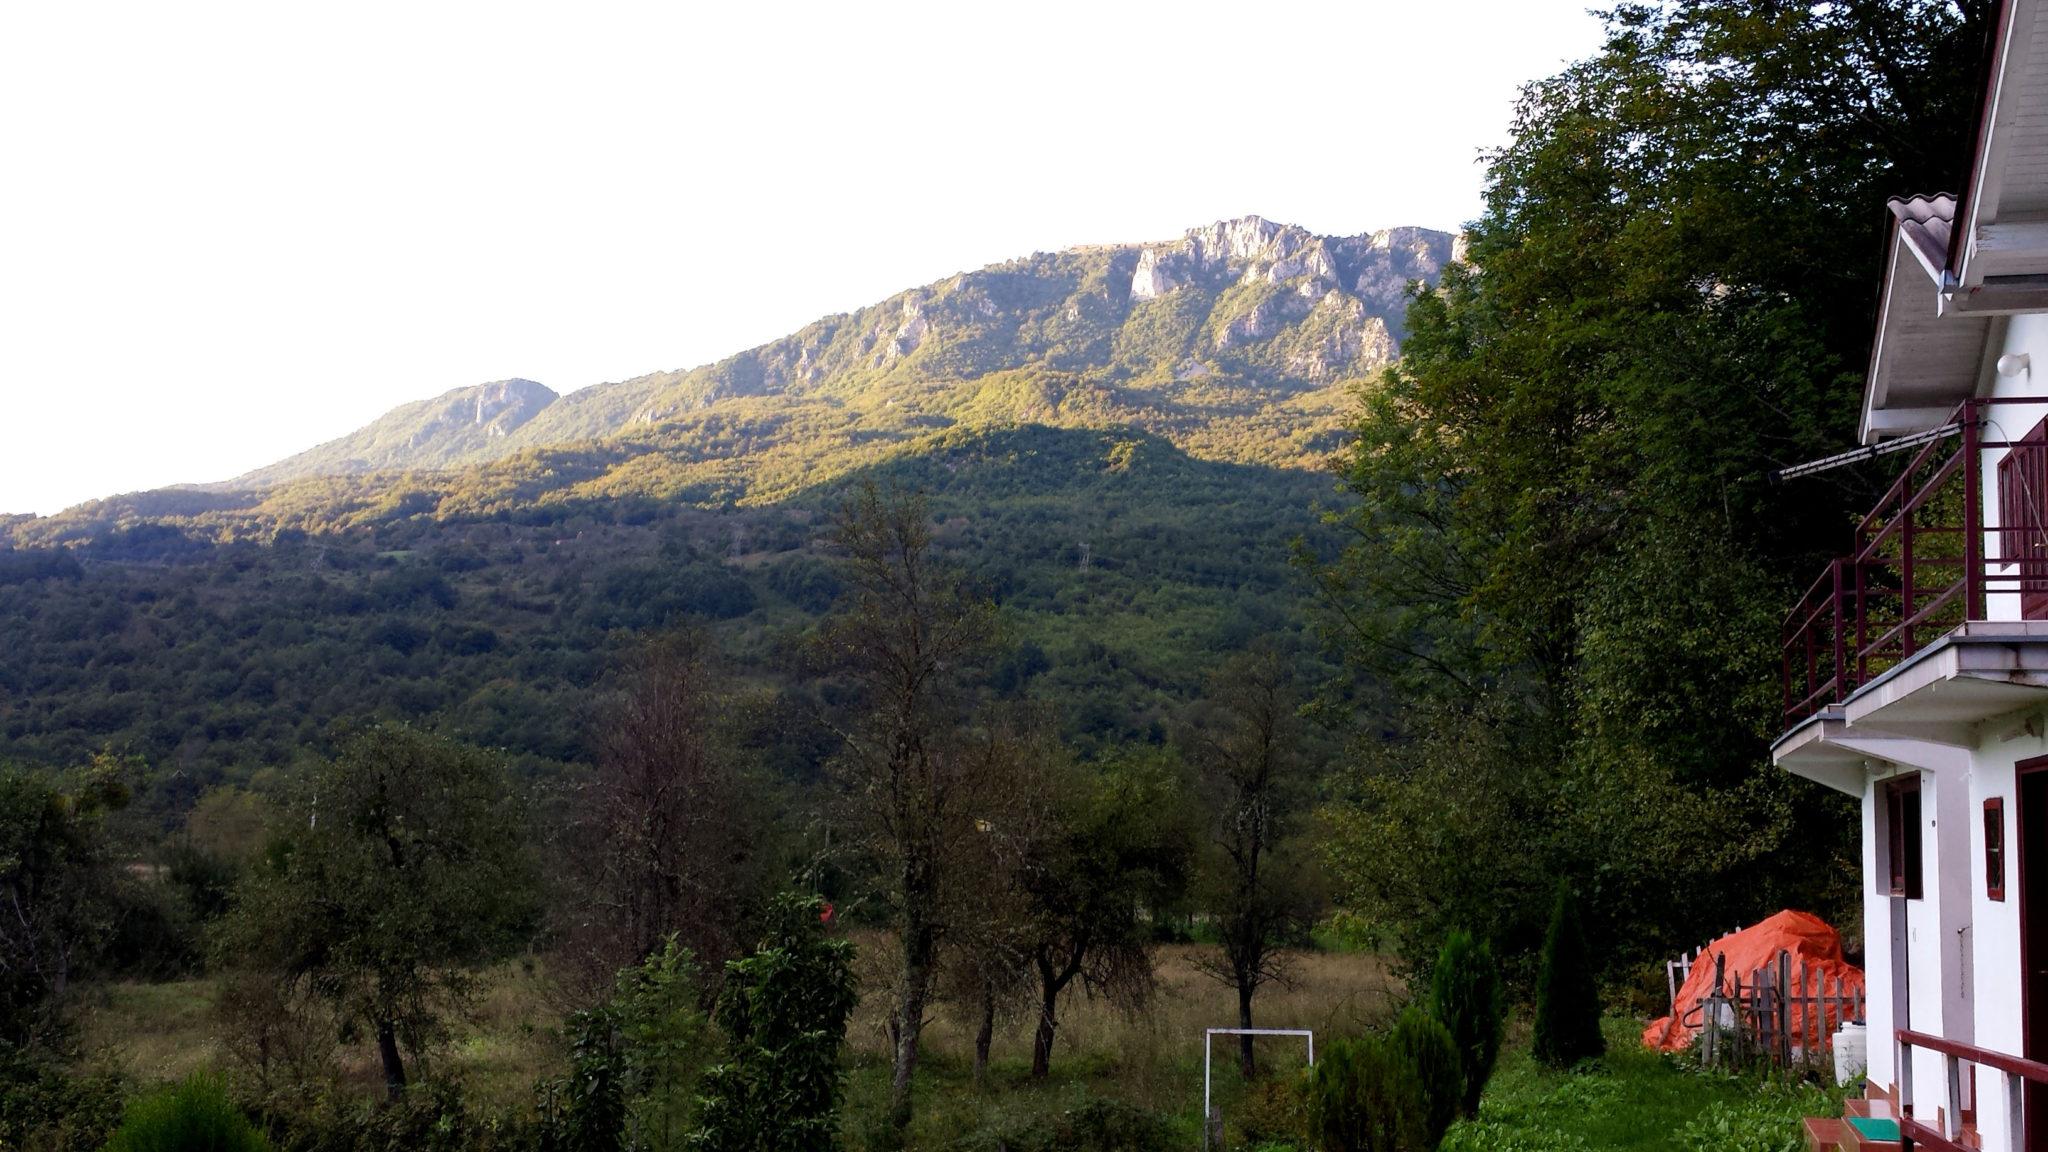 Hemaposesesvalises_montenegro_rafting_canyon_de_la_piva_tara_scepan_polje_travel_voyage_blog7